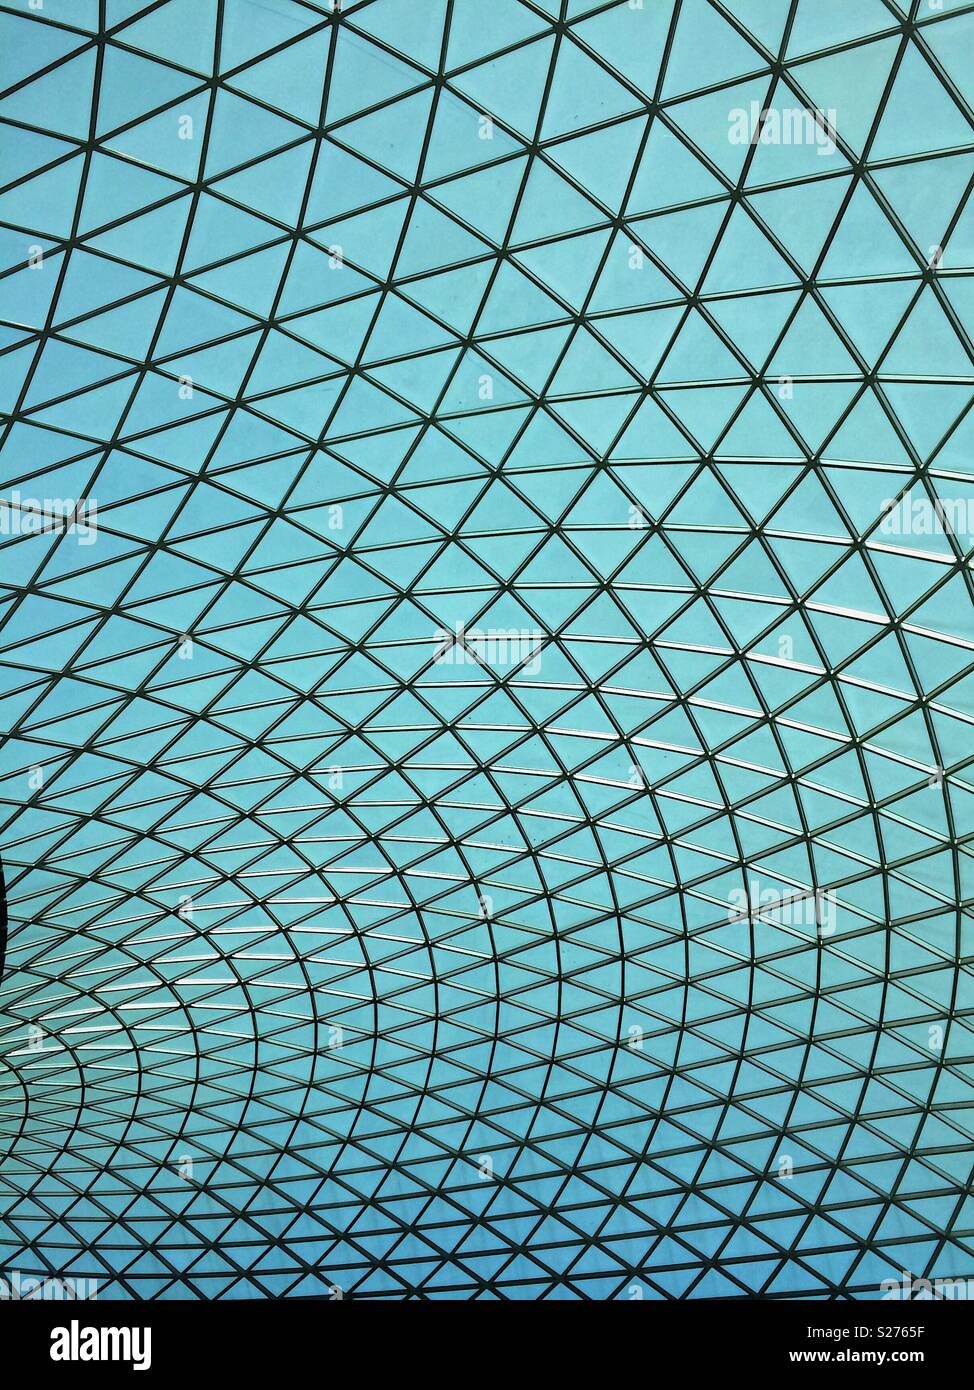 Patrón de rejilla del techo claraboya geométrica Imagen De Stock